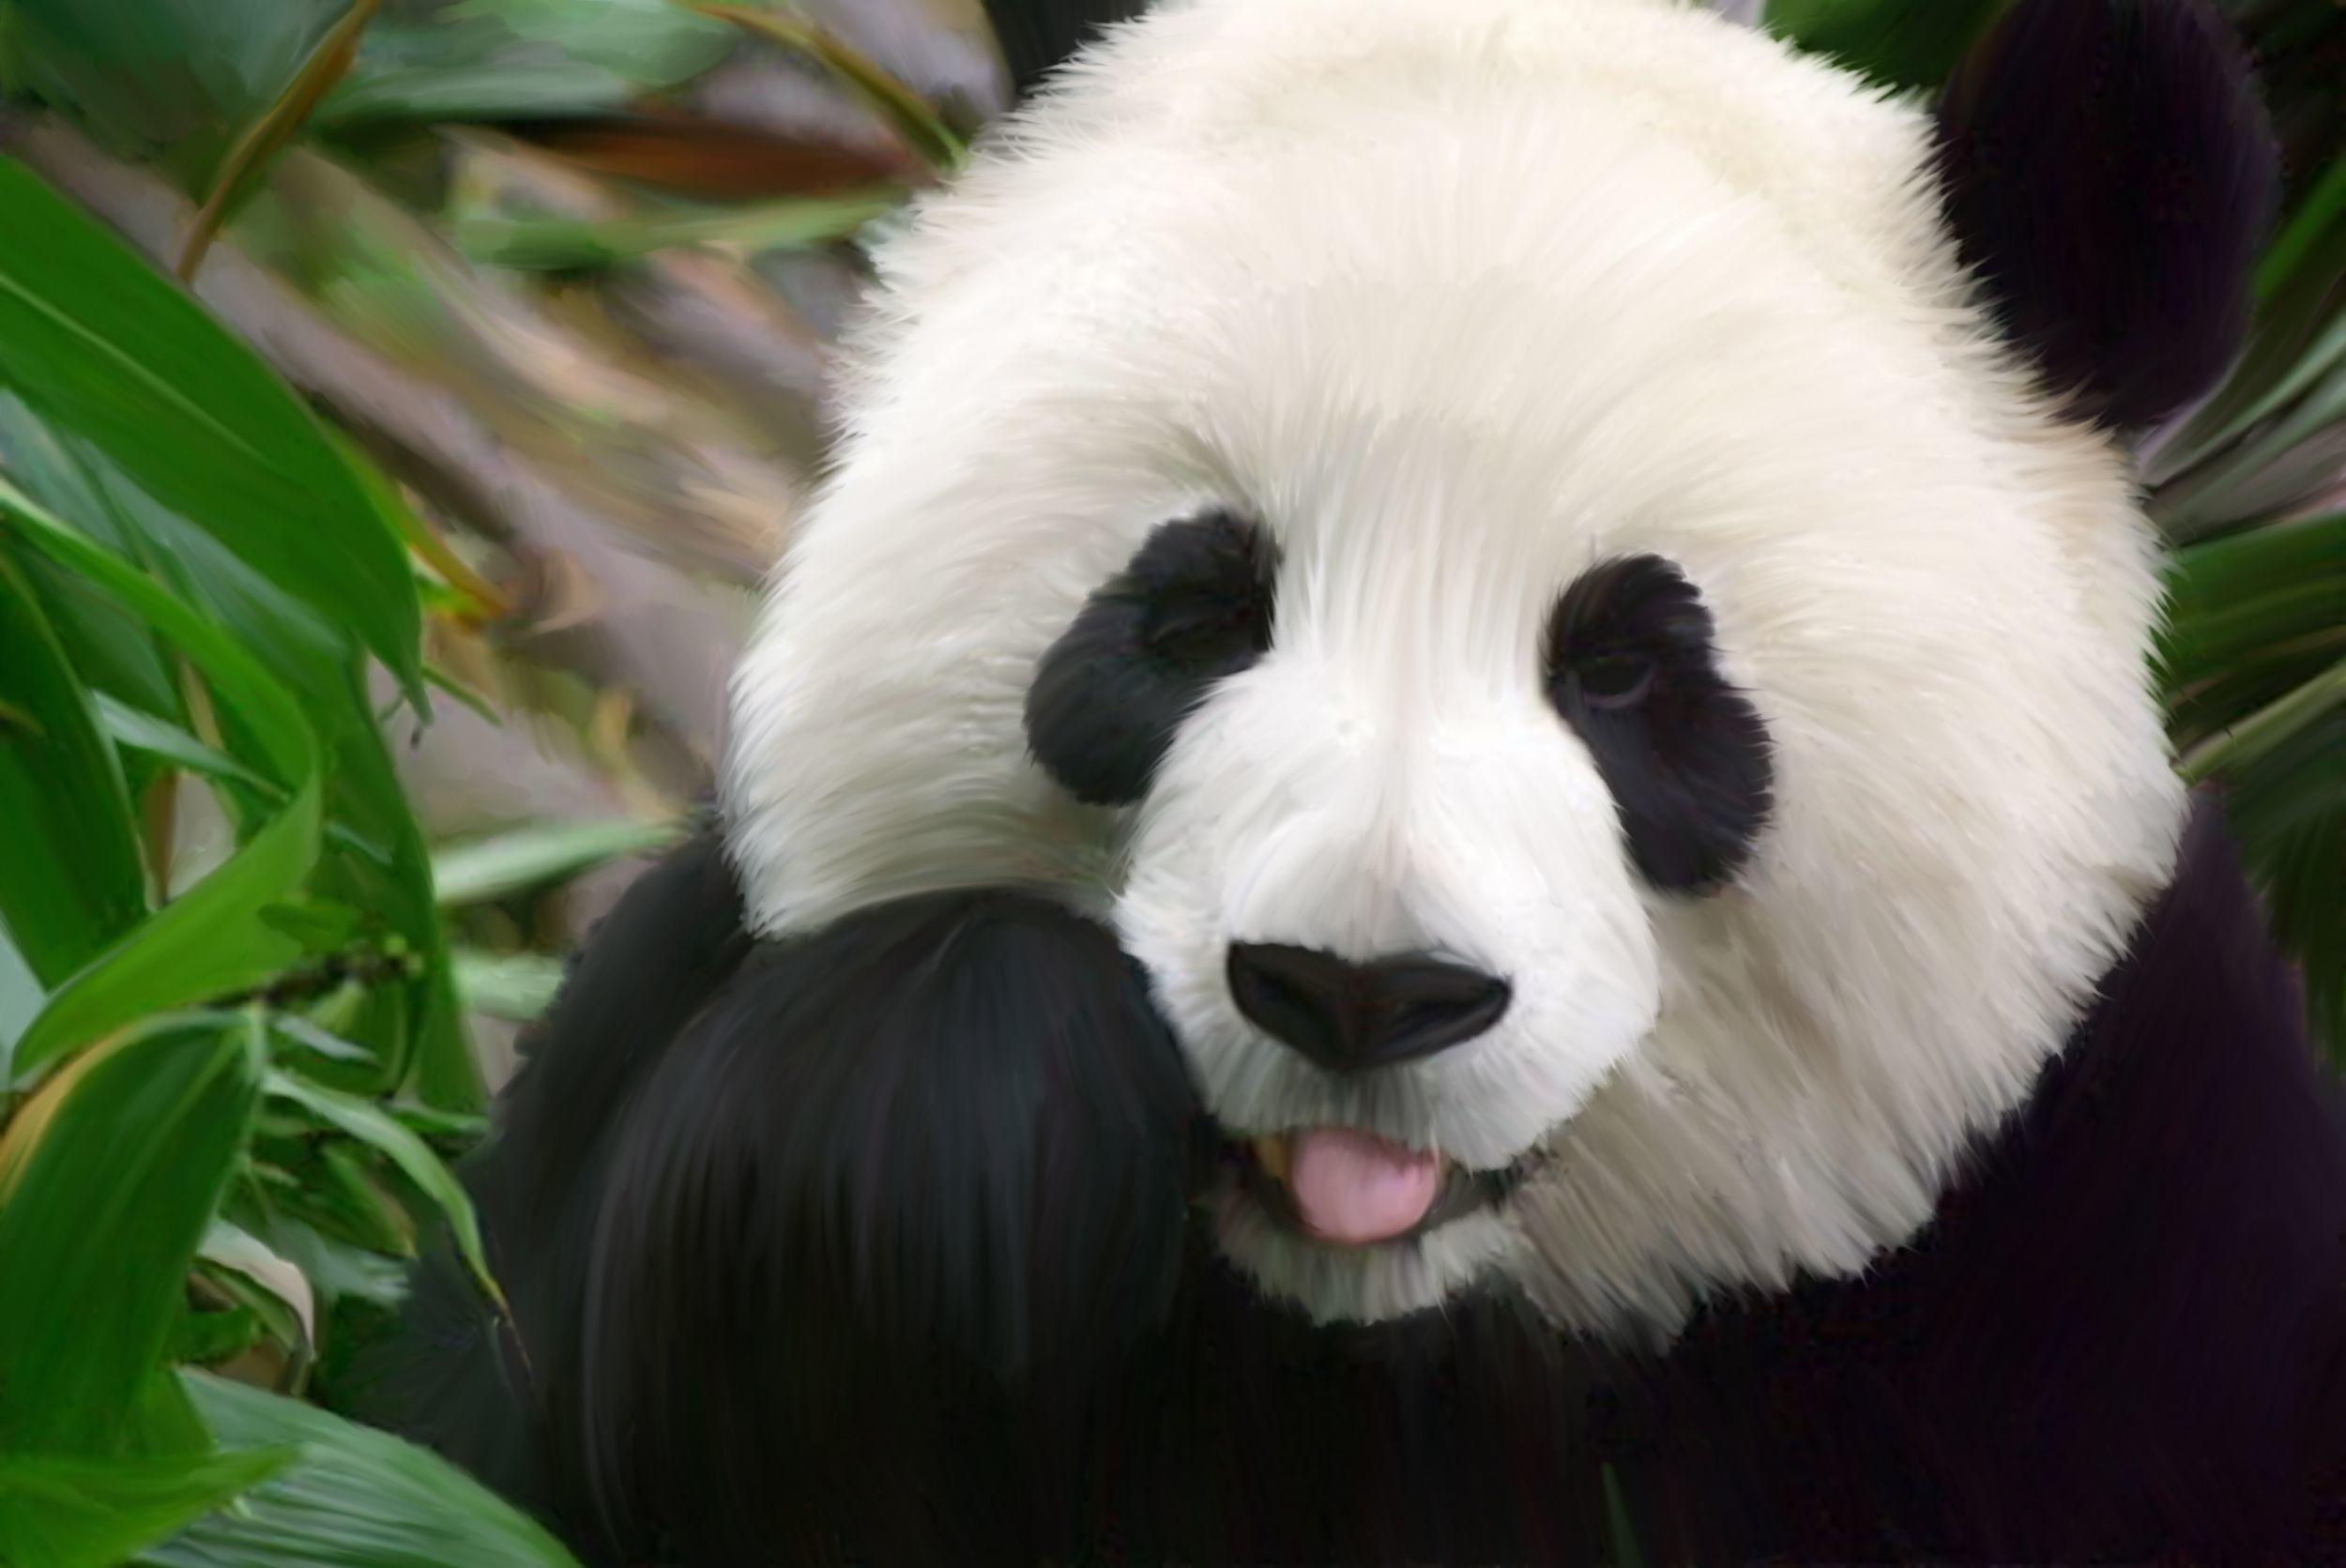 … Phone wallpaper: Adorable panda …